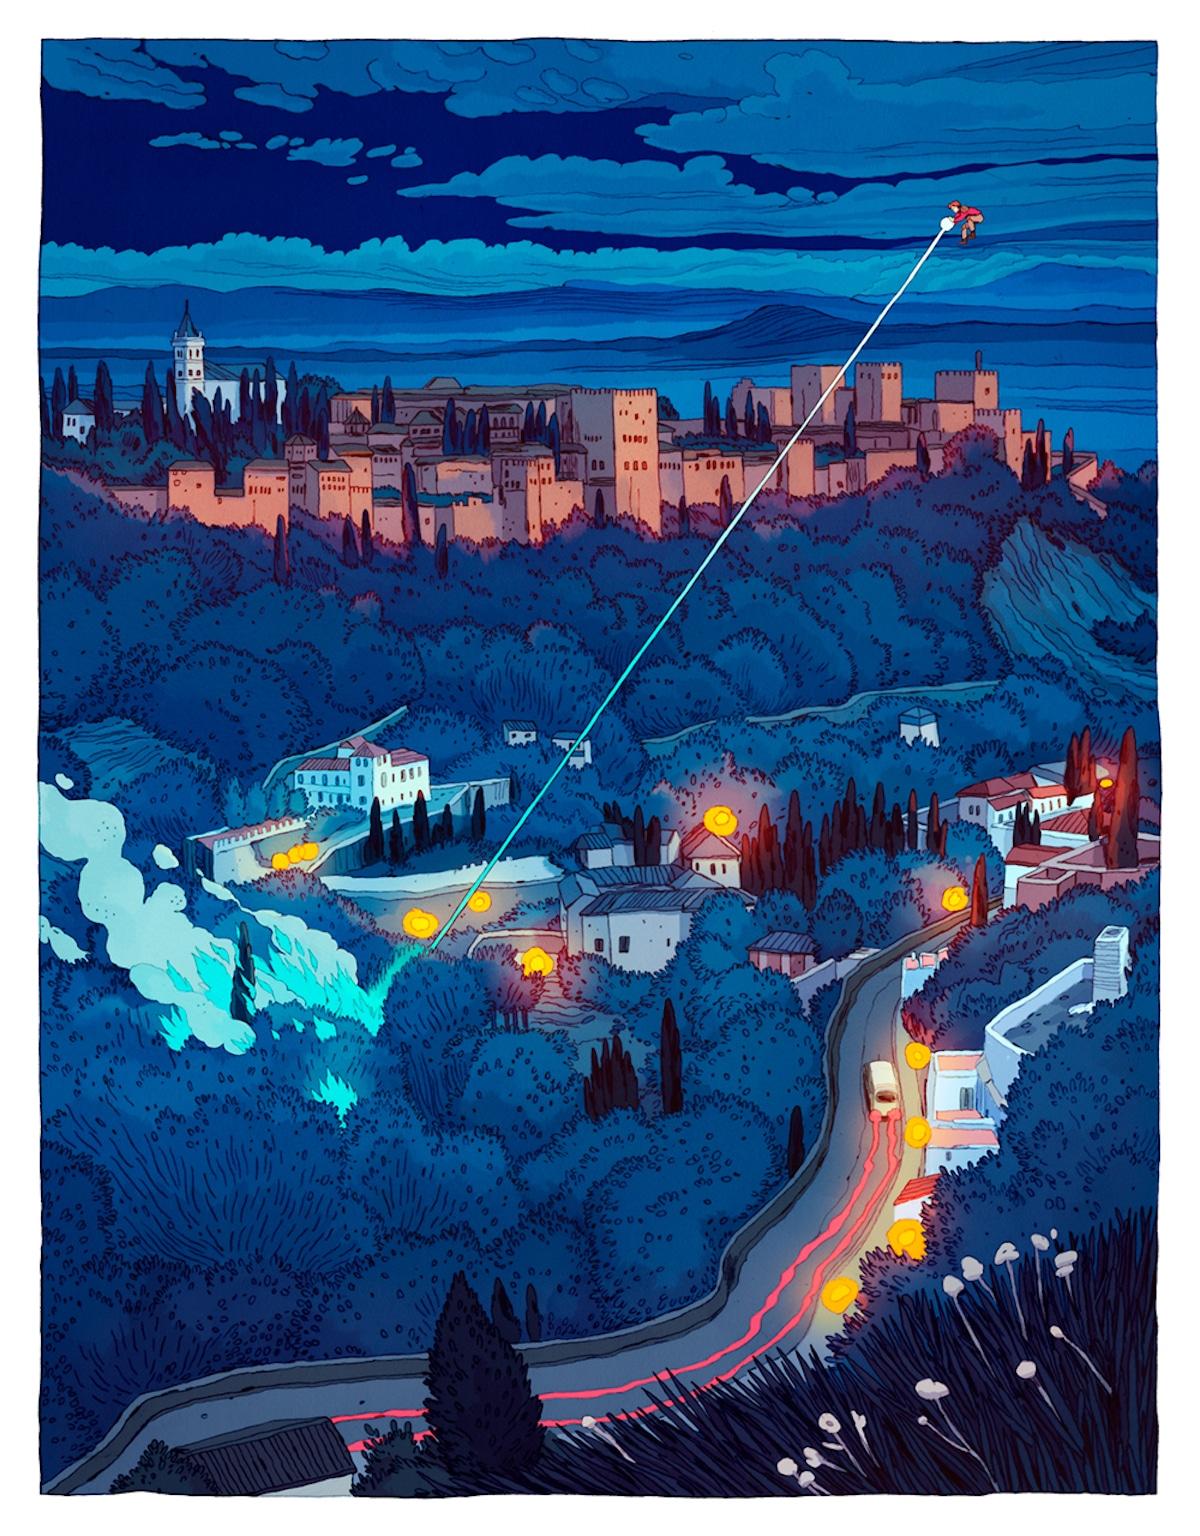 ilustraciones de fantasía por Jon Juarez